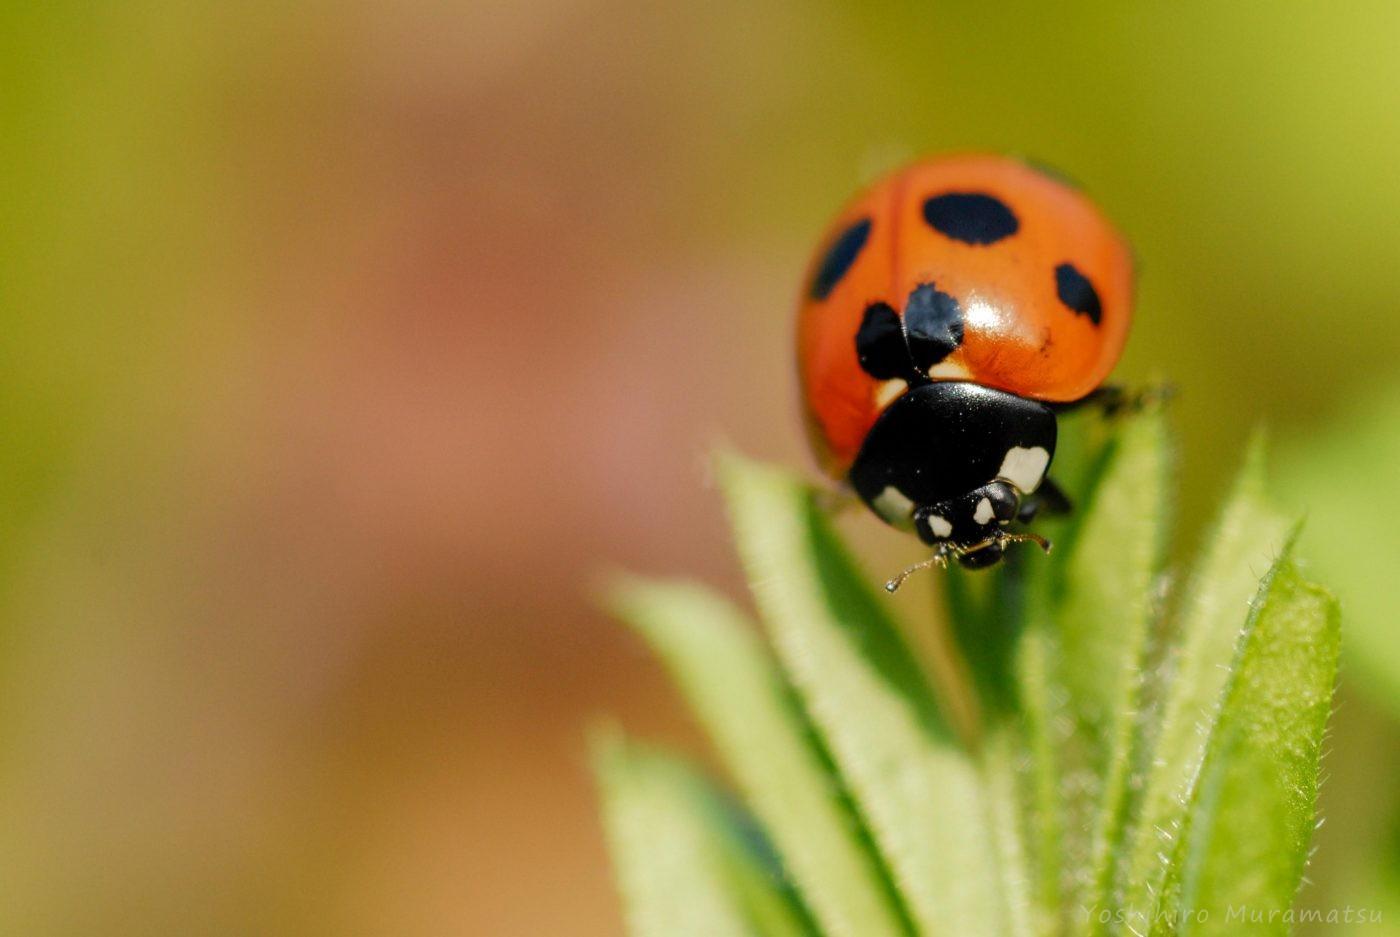 てんとう 虫 の お告げ てんとう虫を駆除する 3つの方法 - wikiHow